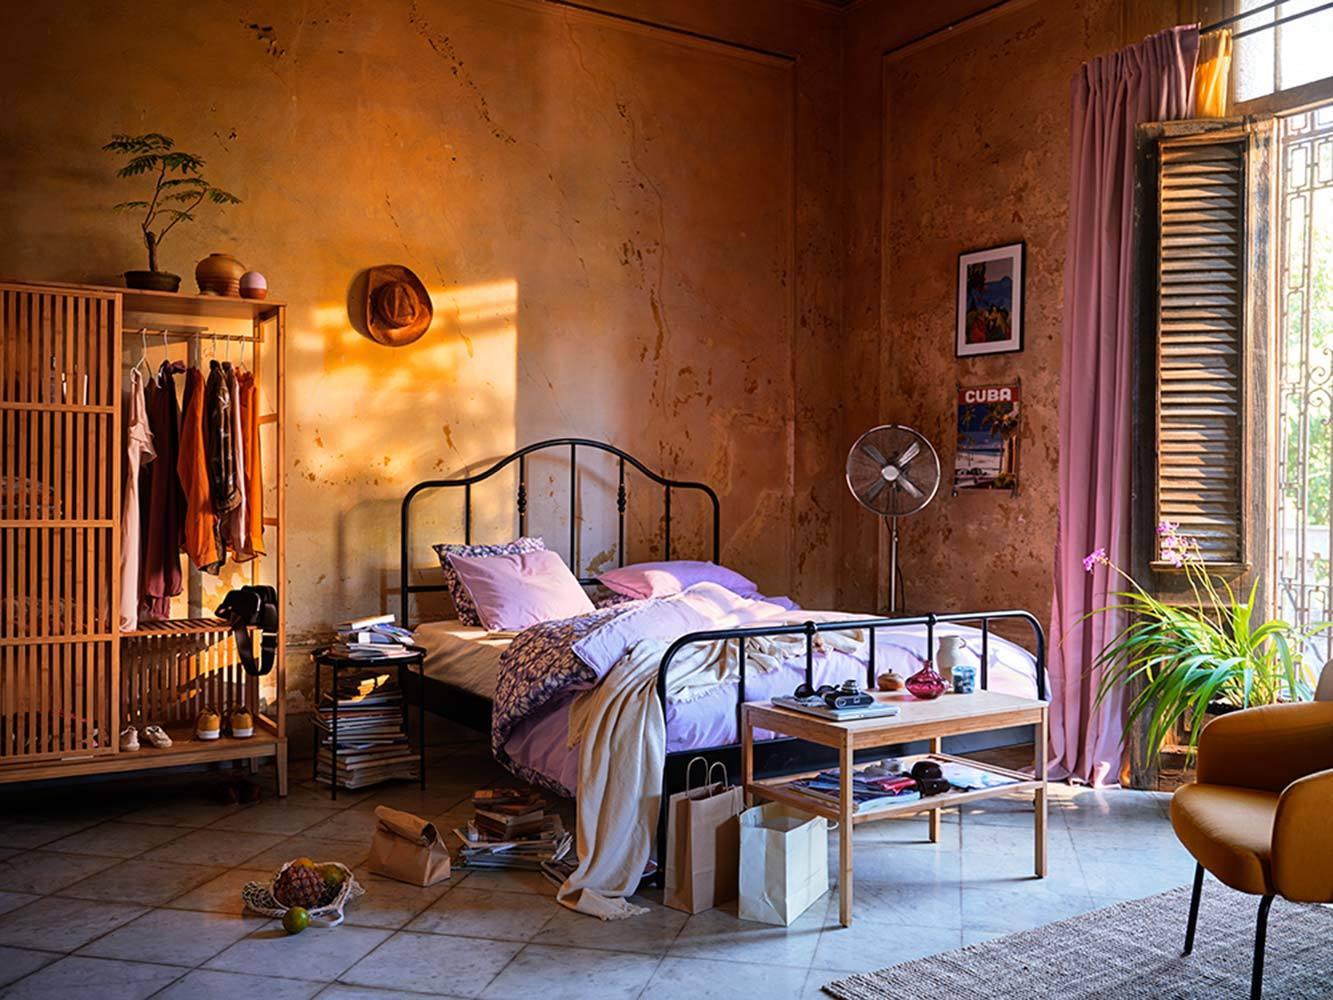 Full Size of Sonnenliege Ikea Der Sommer Zieht Ein Unternehmensblog Betten 160x200 Miniküche Sofa Mit Schlaffunktion Modulküche Küche Kosten Kaufen Bei Wohnzimmer Sonnenliege Ikea